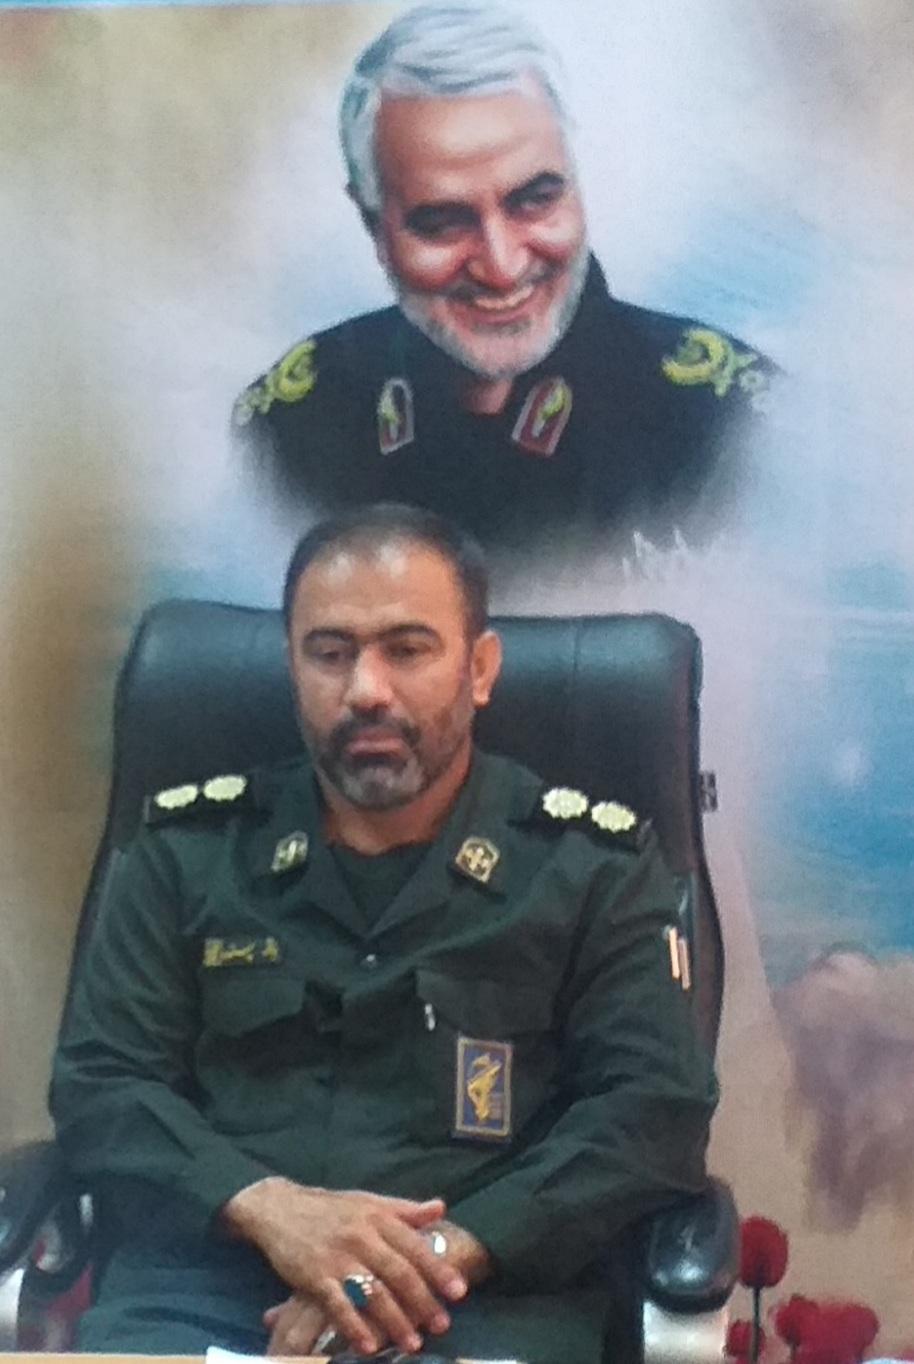 فرمانده سپاه ناحیه گچساران: به طور روزانه بین ۸۰ تا ۱۰۰نیروی جهادی بسیجی در قالب دسته های سازمان یافته در مهار آتش سوزی های این شهرستان نقش آفرینی می کنند+جزئیات